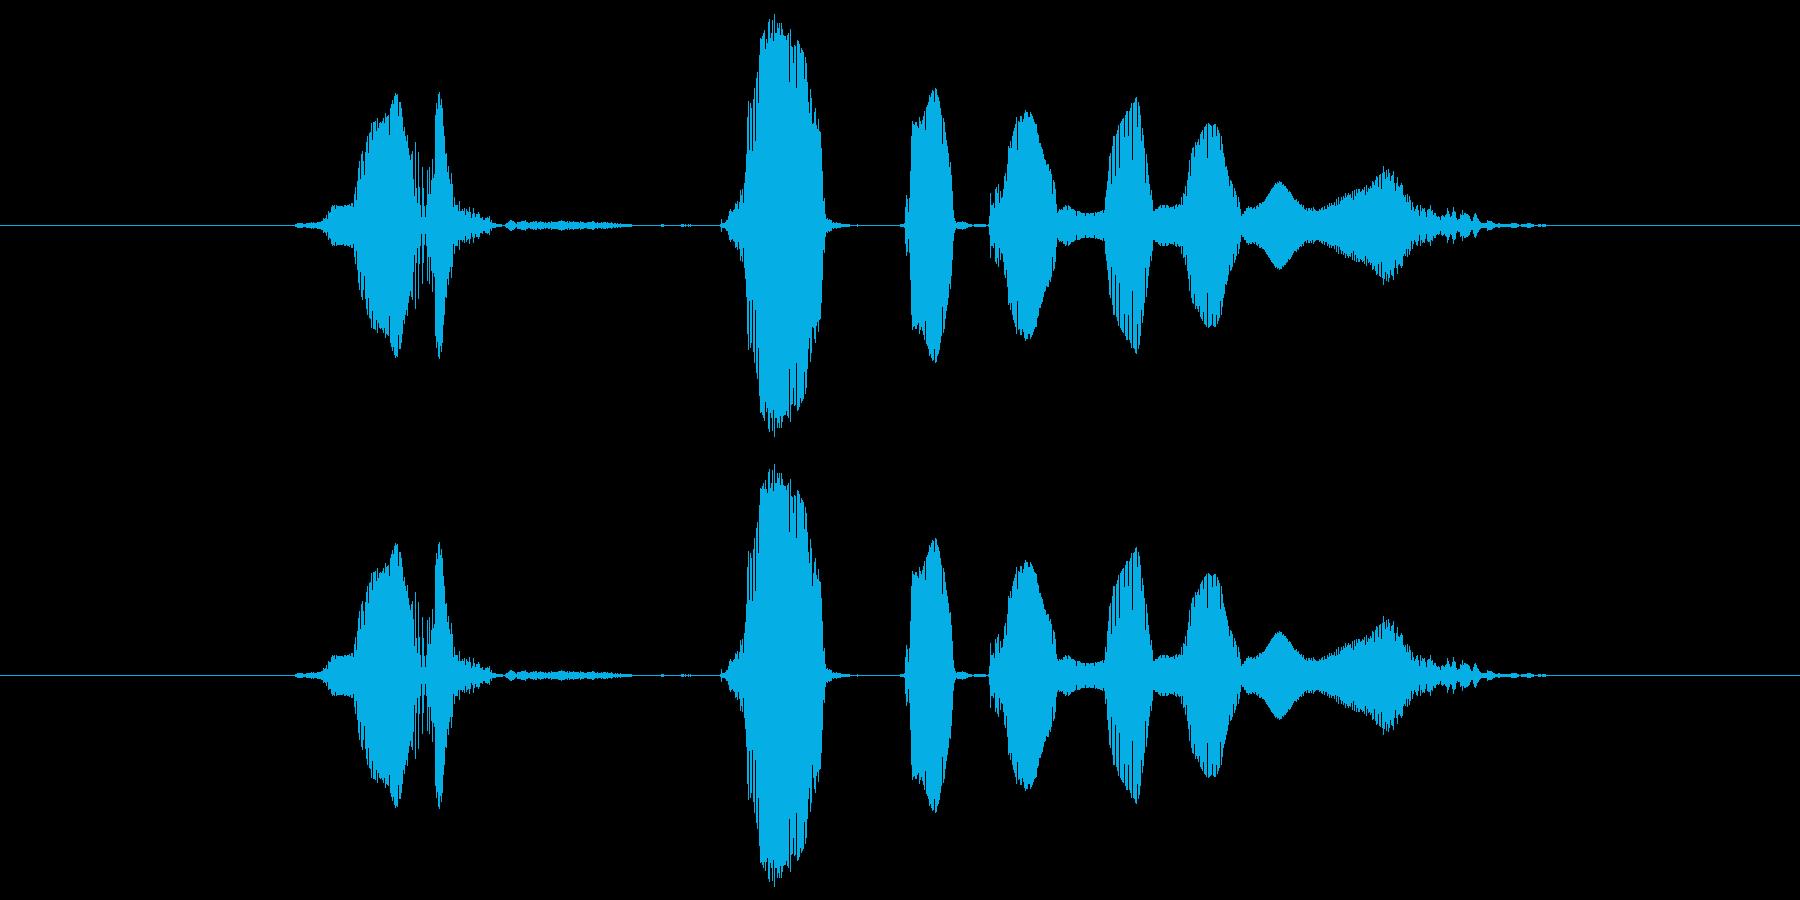 ま、ざっとこんなもんねの再生済みの波形